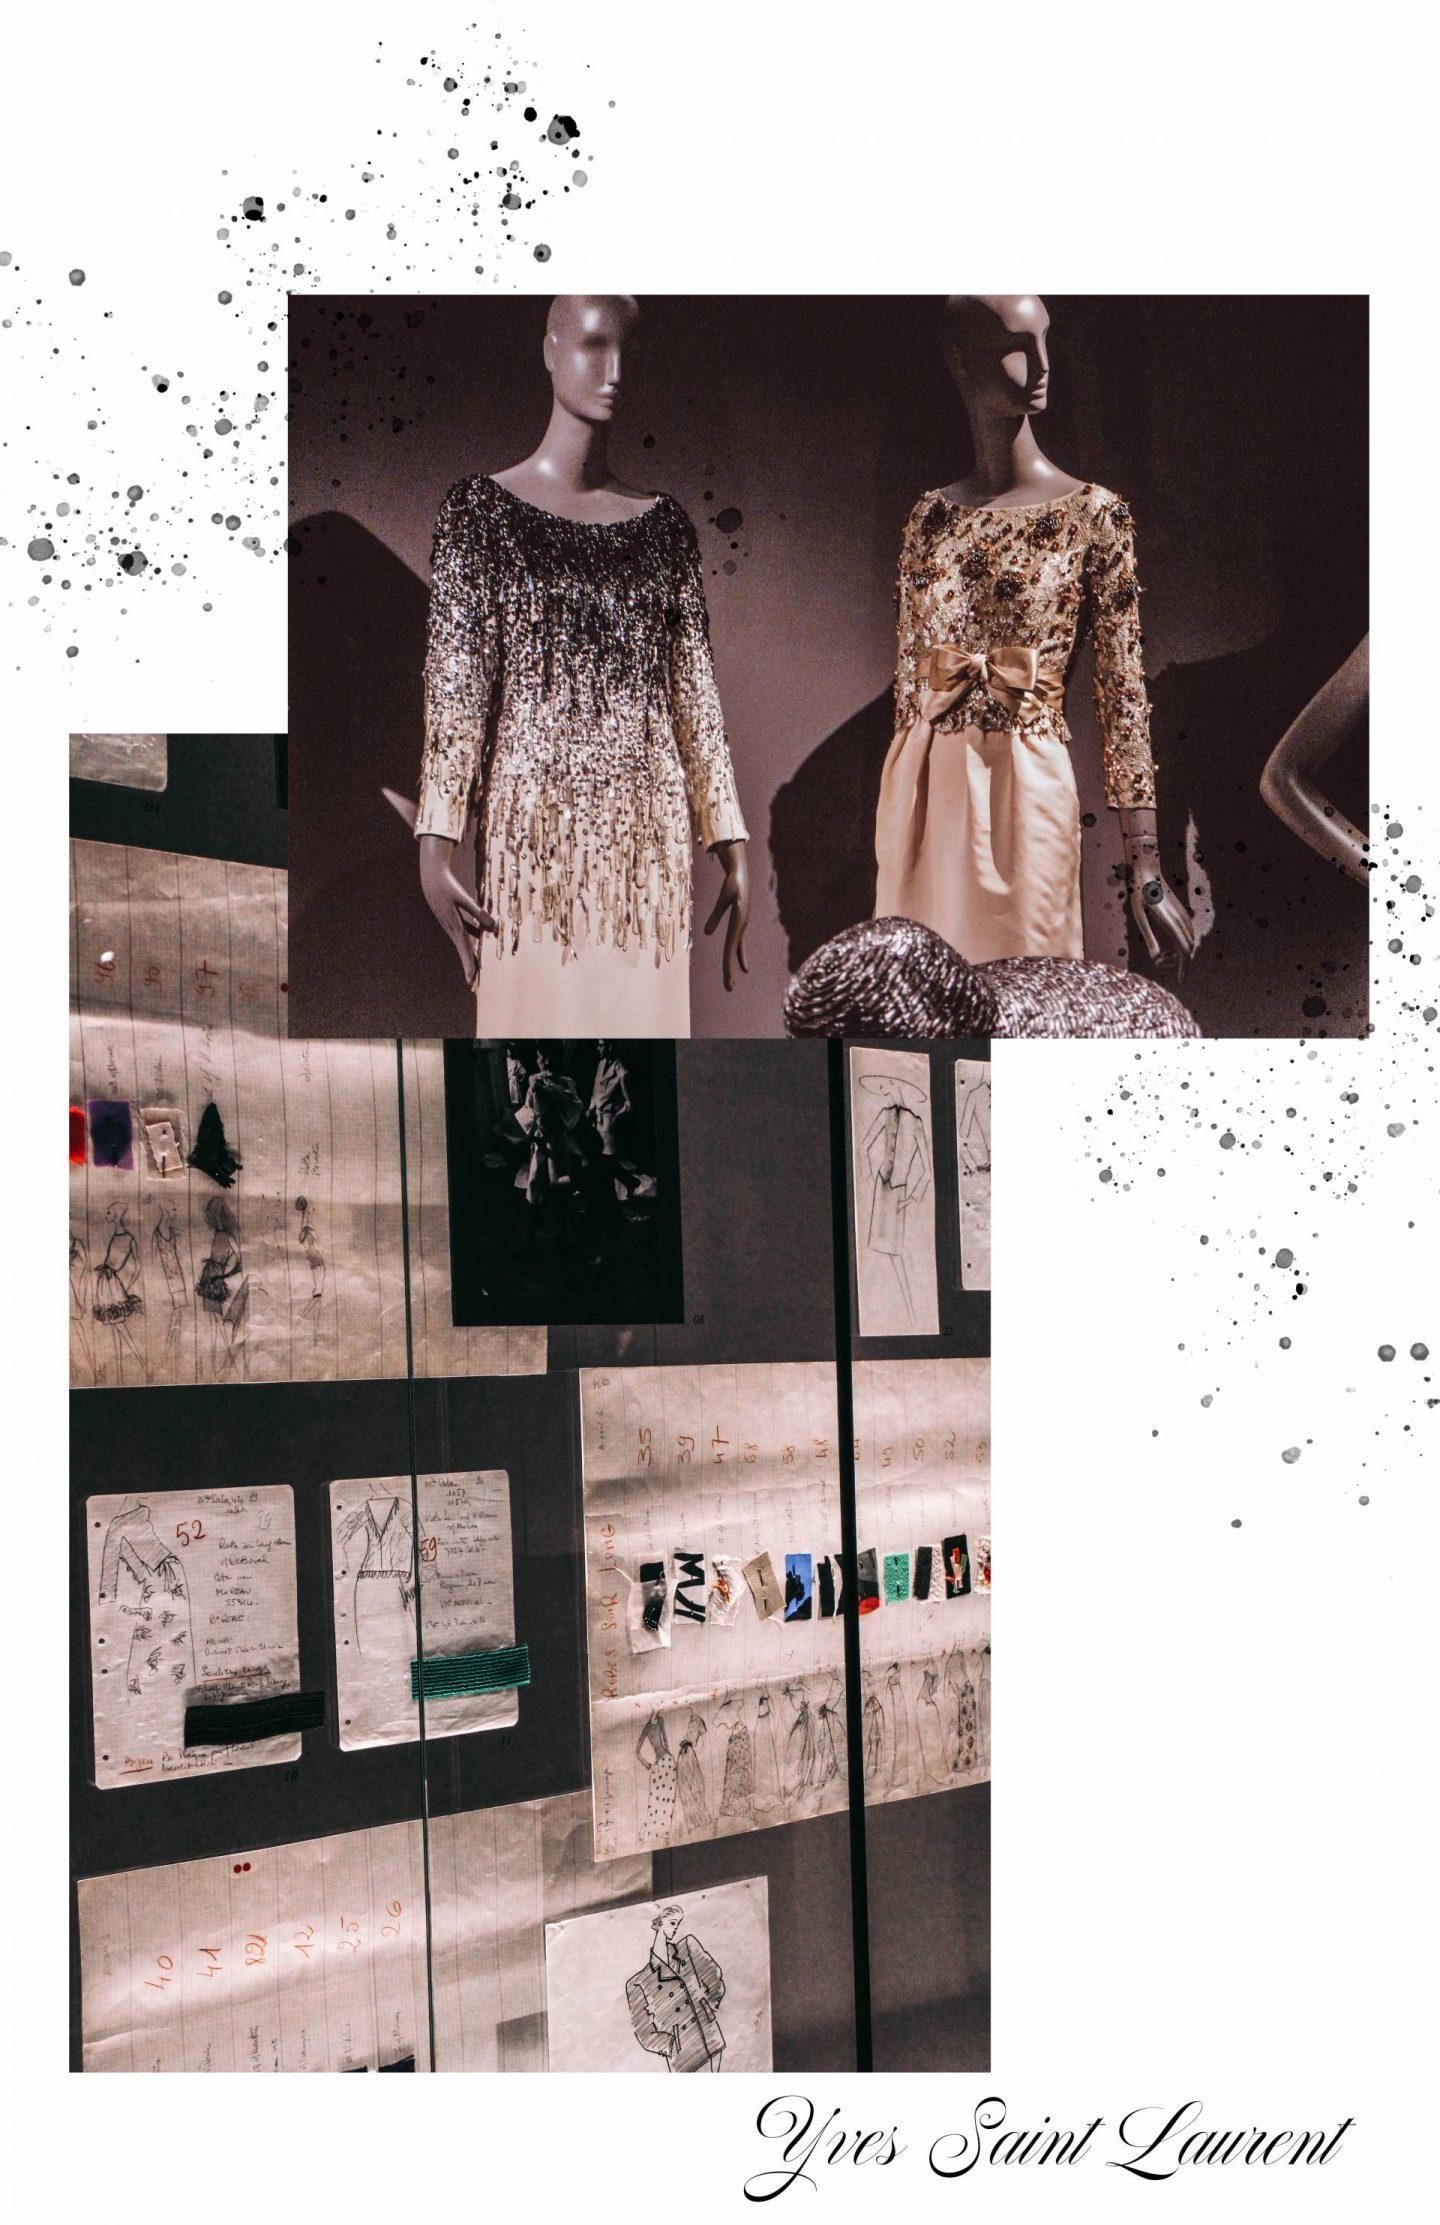 Zu Besuch im Atelier von Yves Saint Laurent